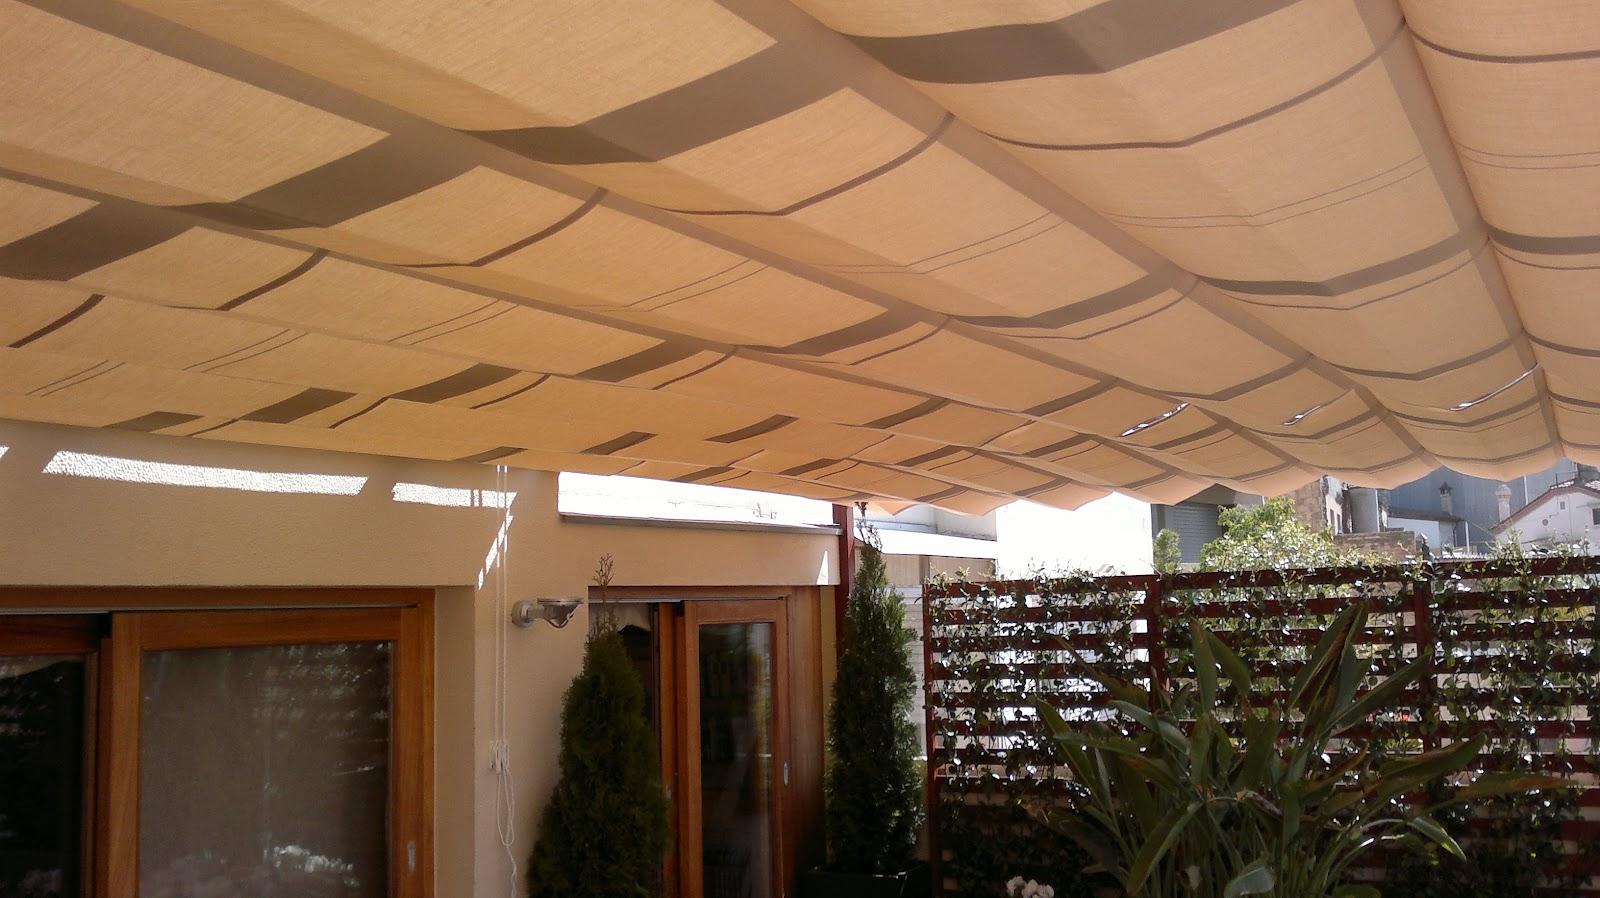 Toldos campos toldos correderos en estructura de madera for Estructura de toldo